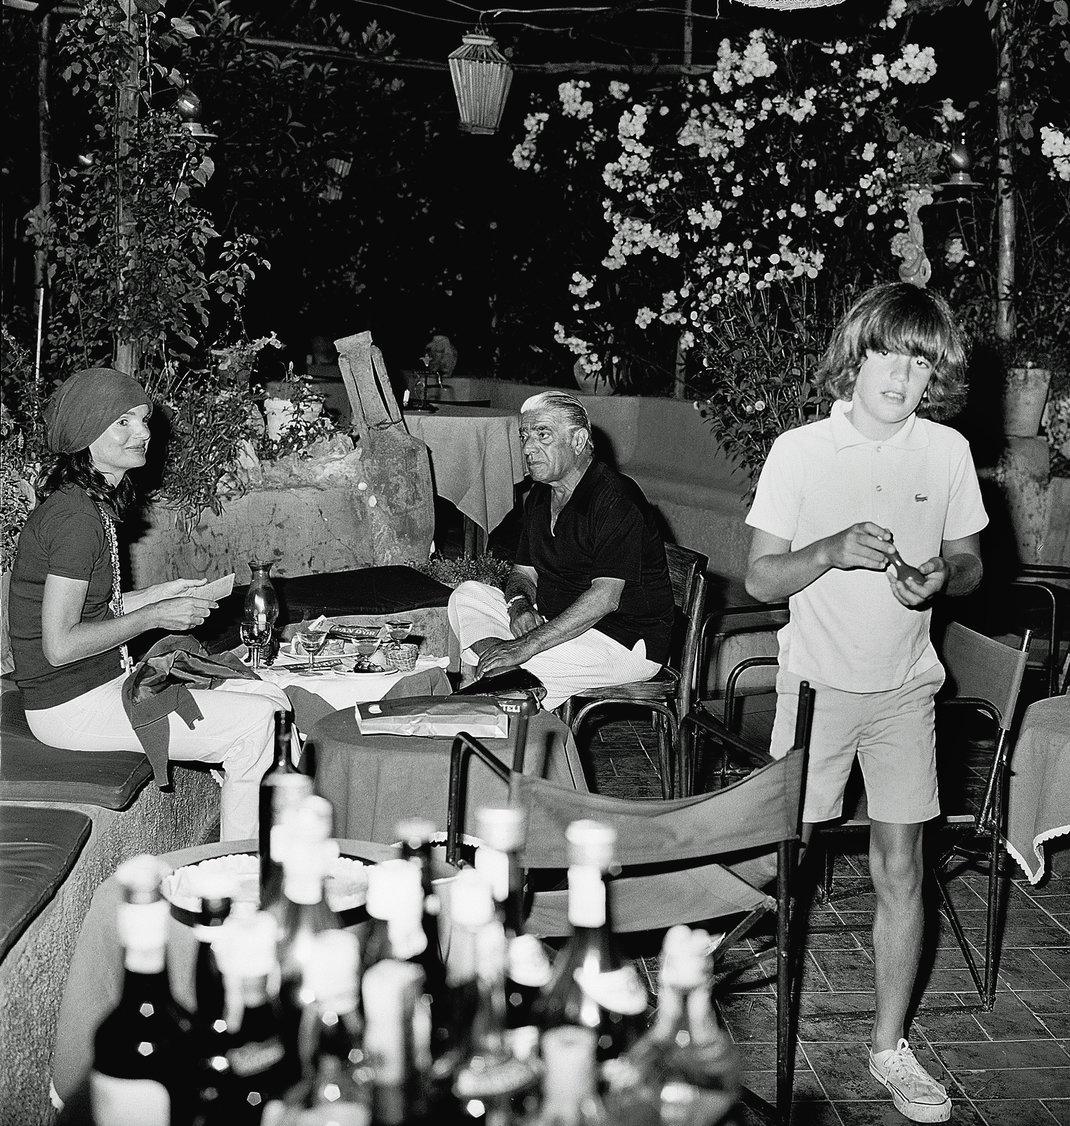 Ο Αριστοτέλης Ωνάσης, η Τζάκι Ωνάση και ο Κένεντι jr στο Κάπρι / Φωτογραφία: AP